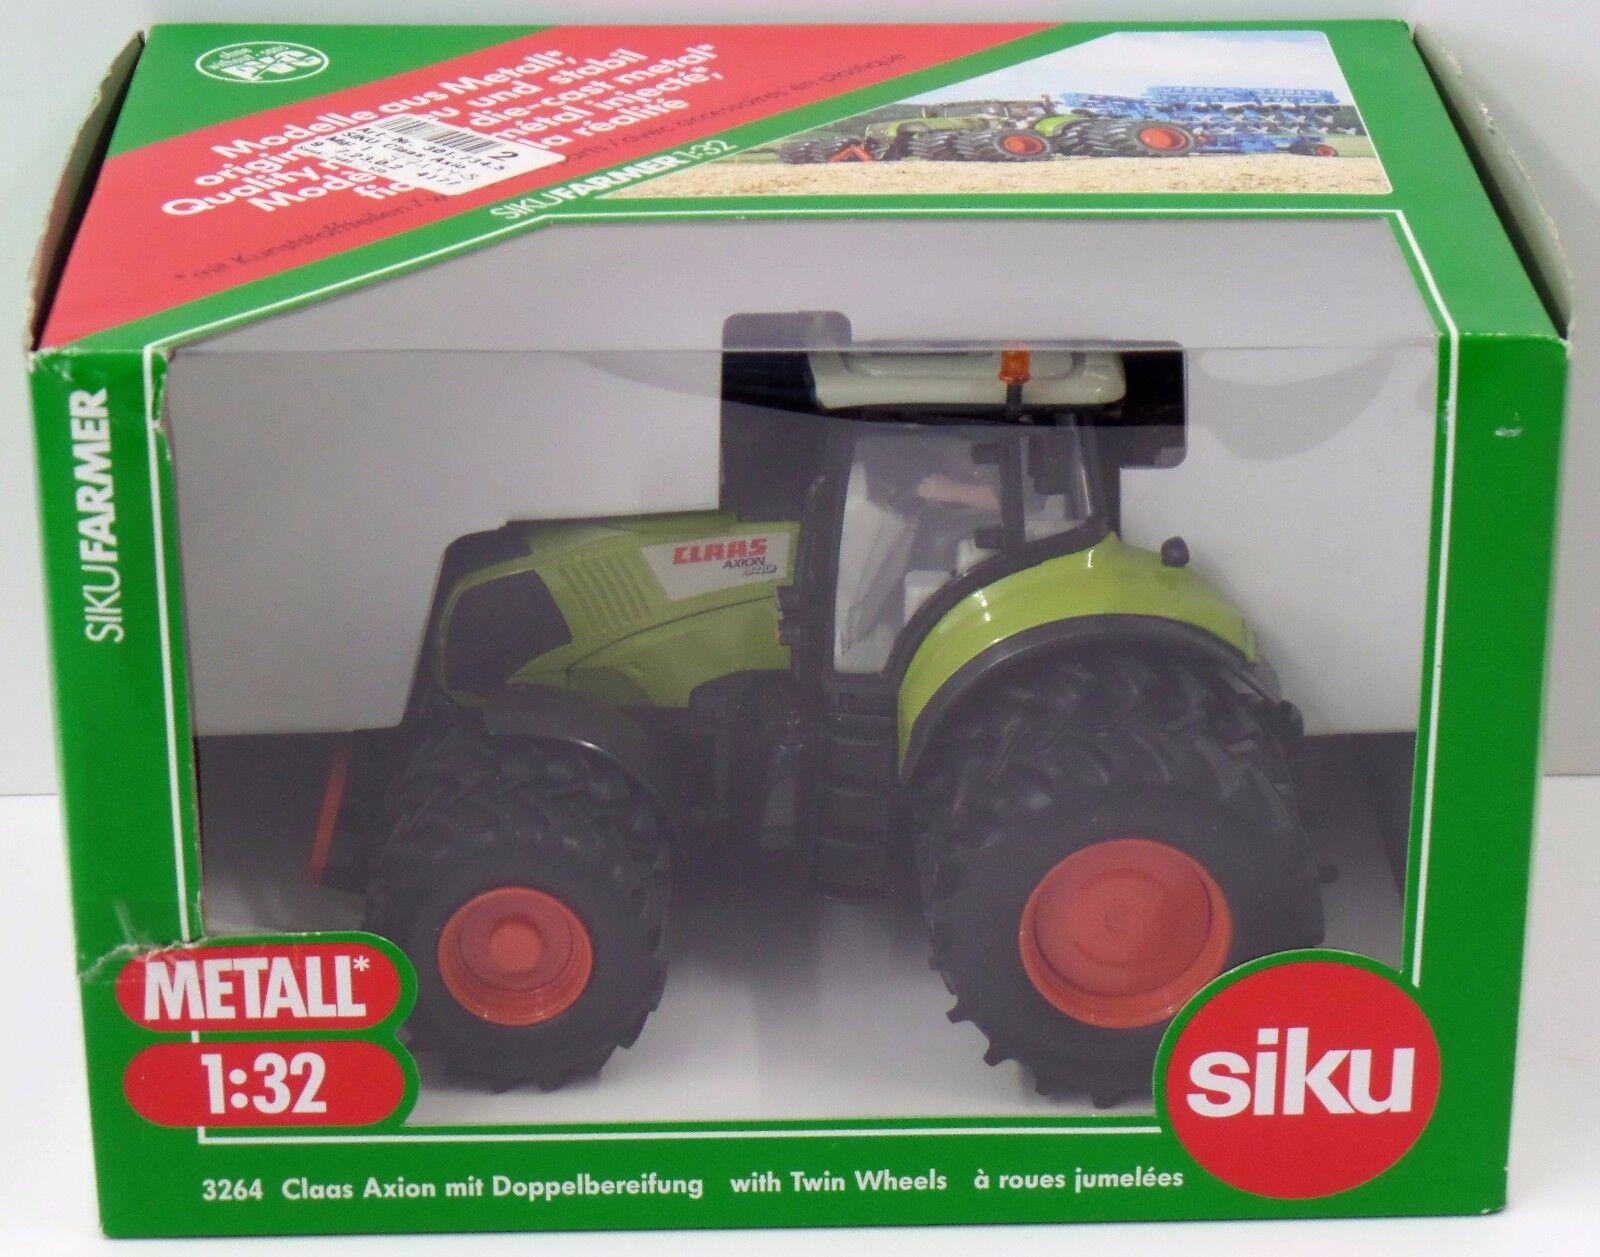 SIKU Farmer 1 32 - 3264 Claas Axion à roues jumelées-Neuf dans sa boîte Neuf New